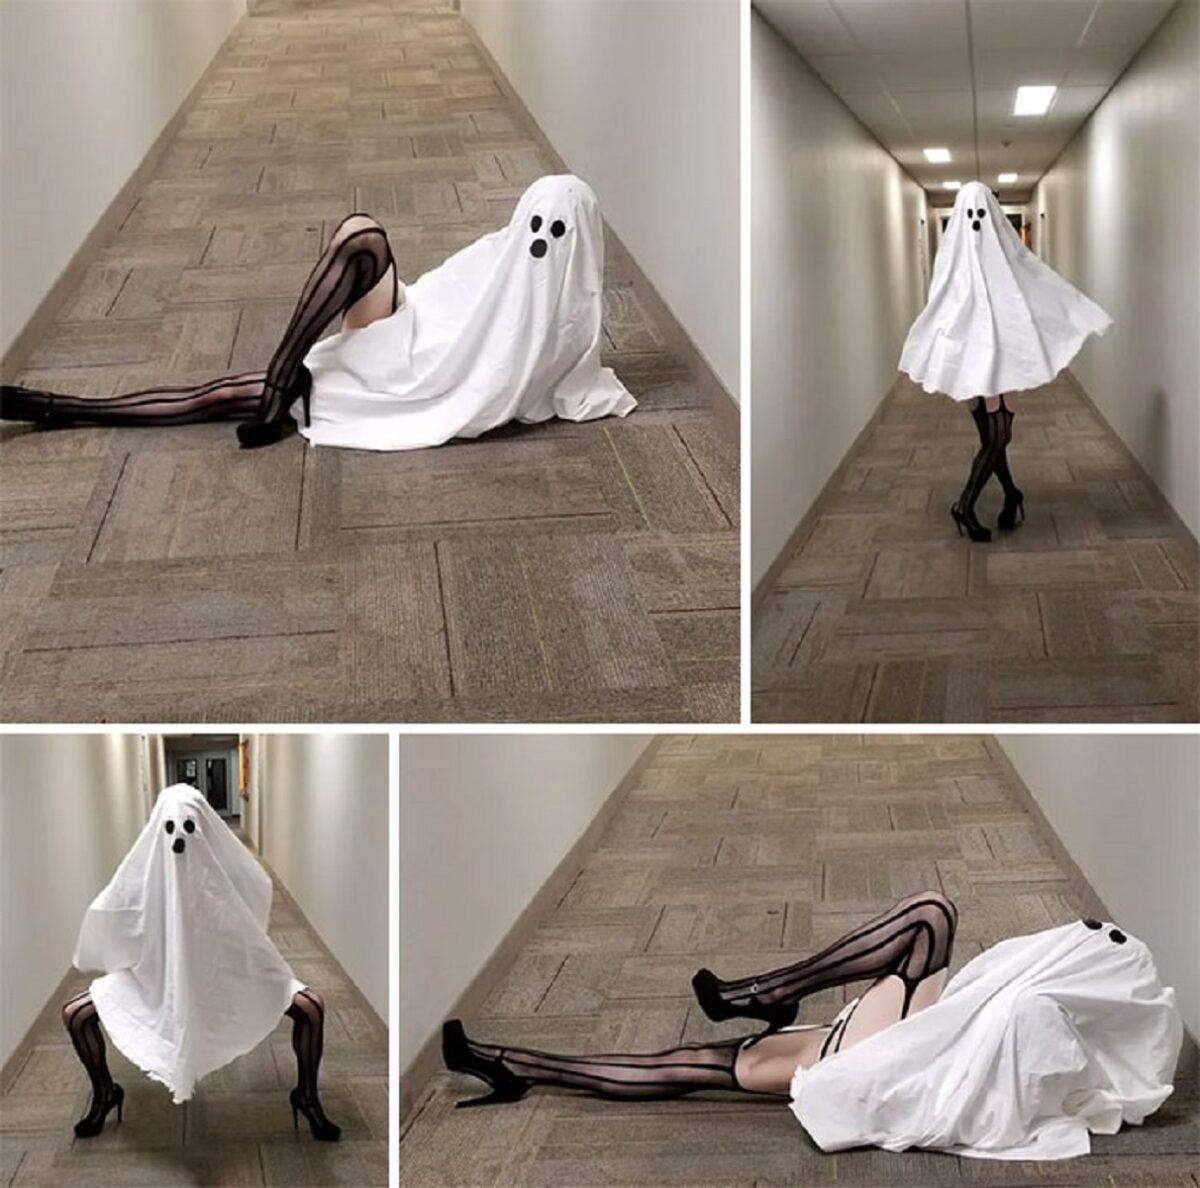 Fantasias de Halloween confira algumas opcoes para se inspirar 5